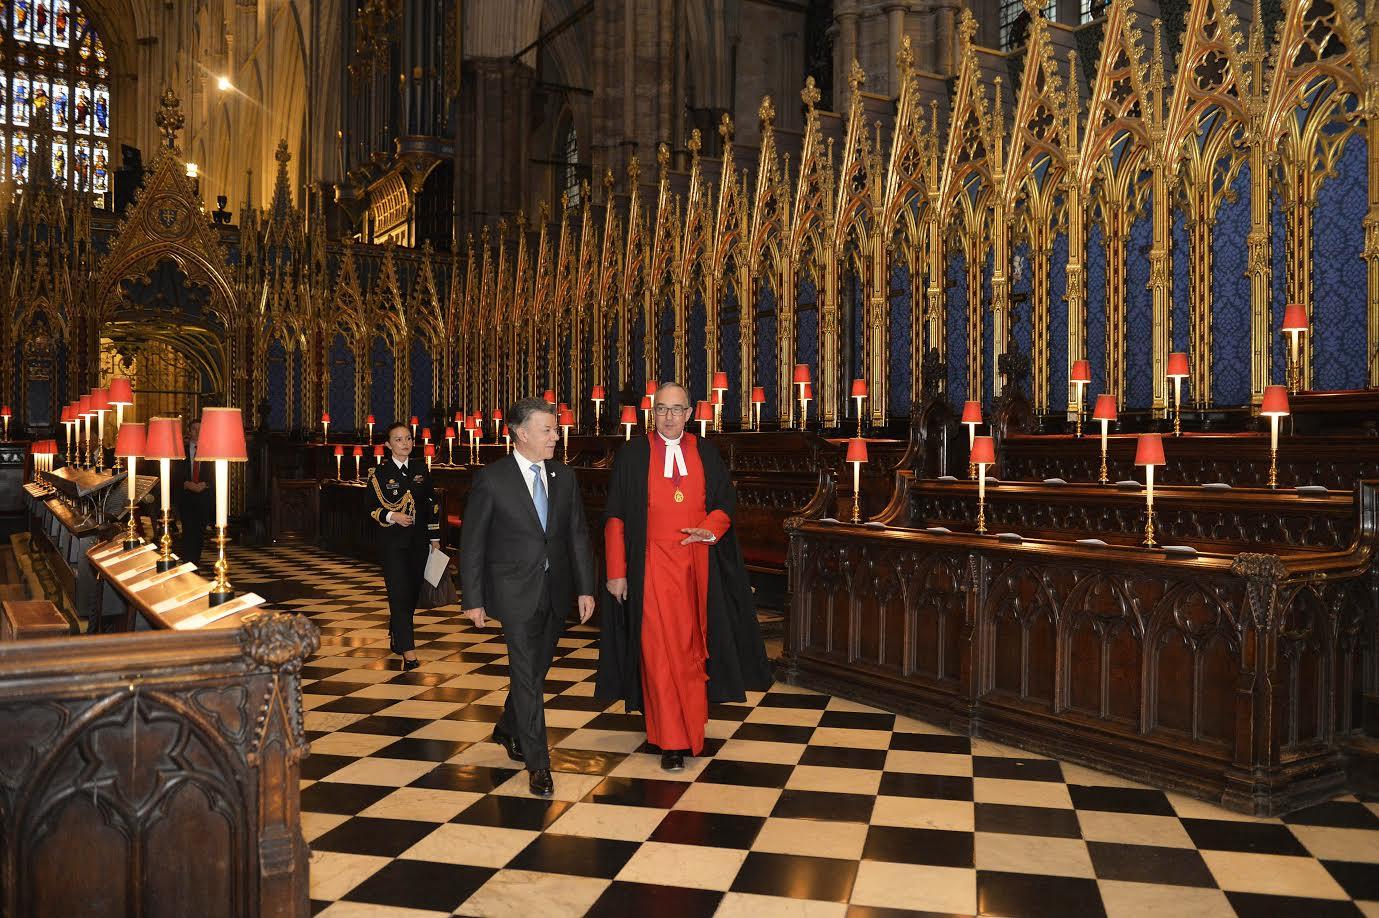 acompanado-por-el-dr-john-hall-el-presidente-juan-manuel-santos-en-conducido-en-la-abadia-de-westminster